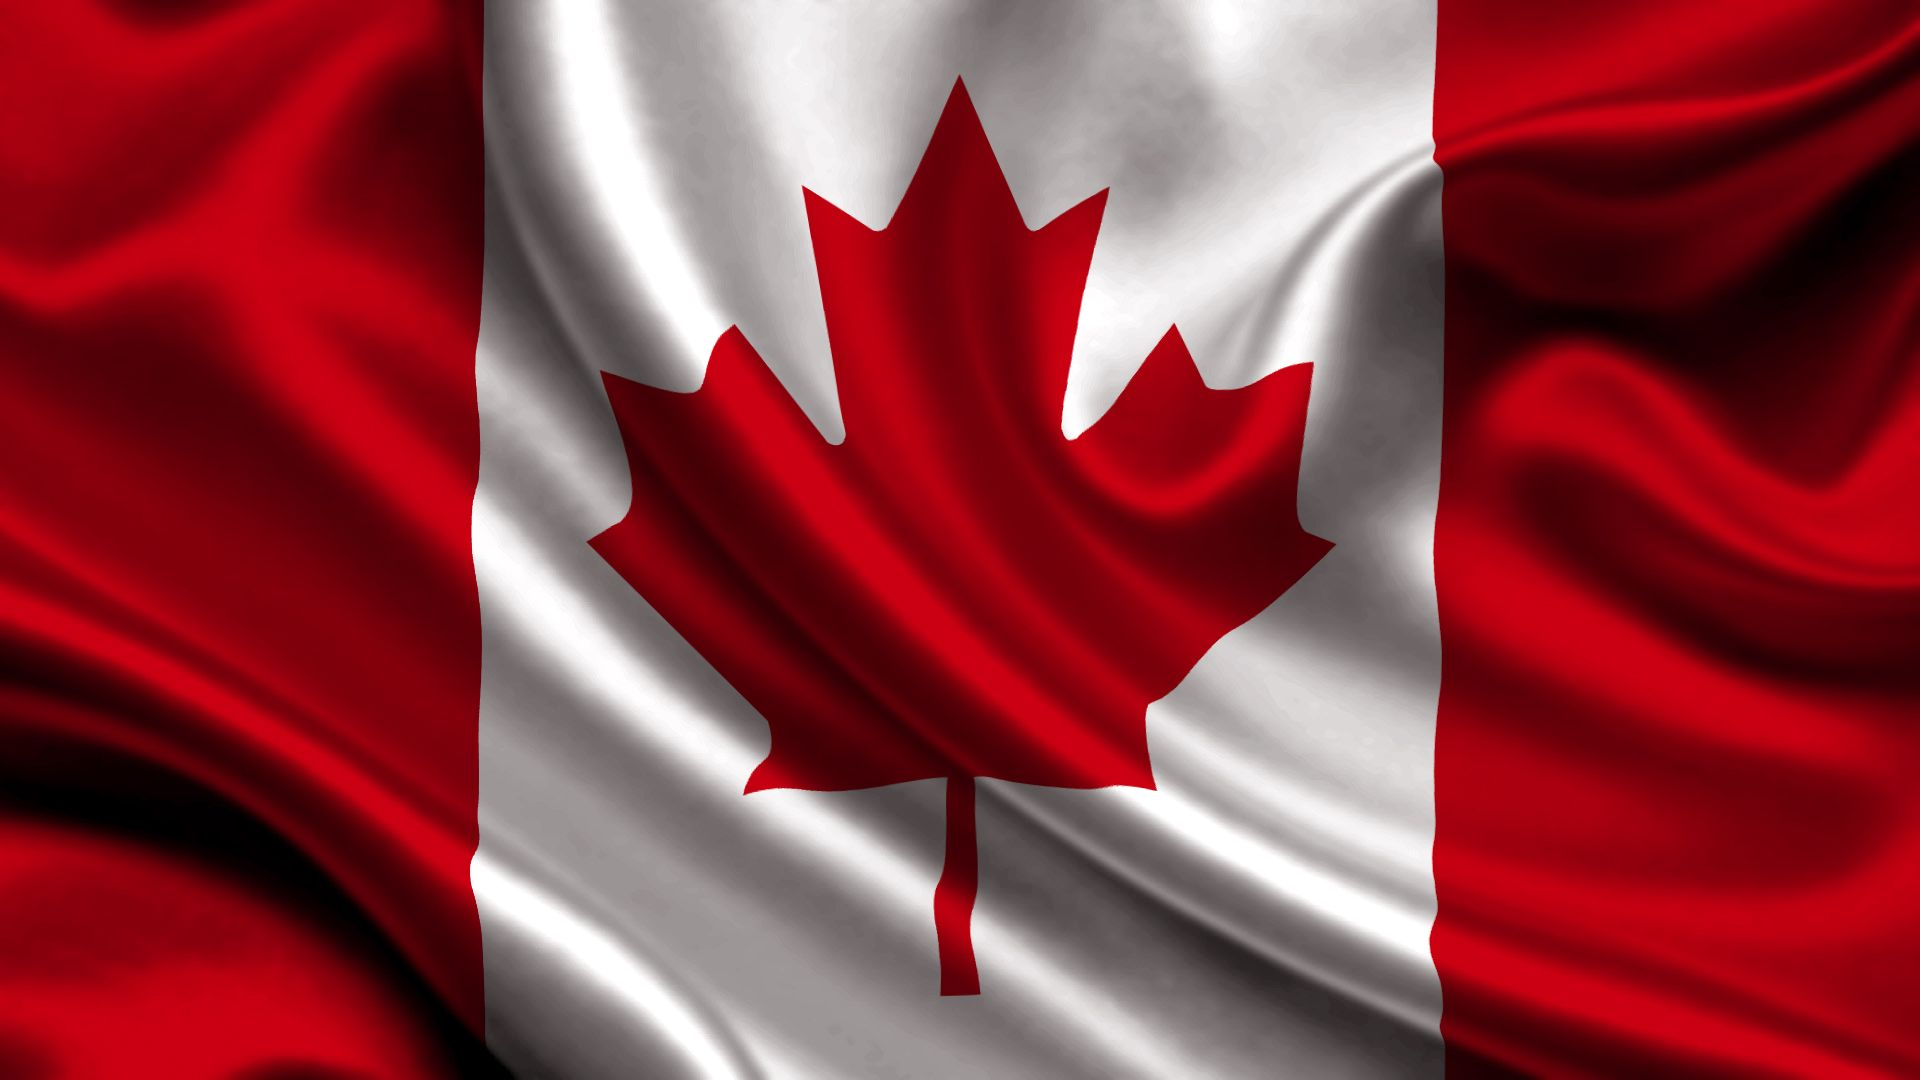 Fotos Bilder Kanada Flagge Strips Bilder 328984 Download Kanada Flagge Kanada Bilder